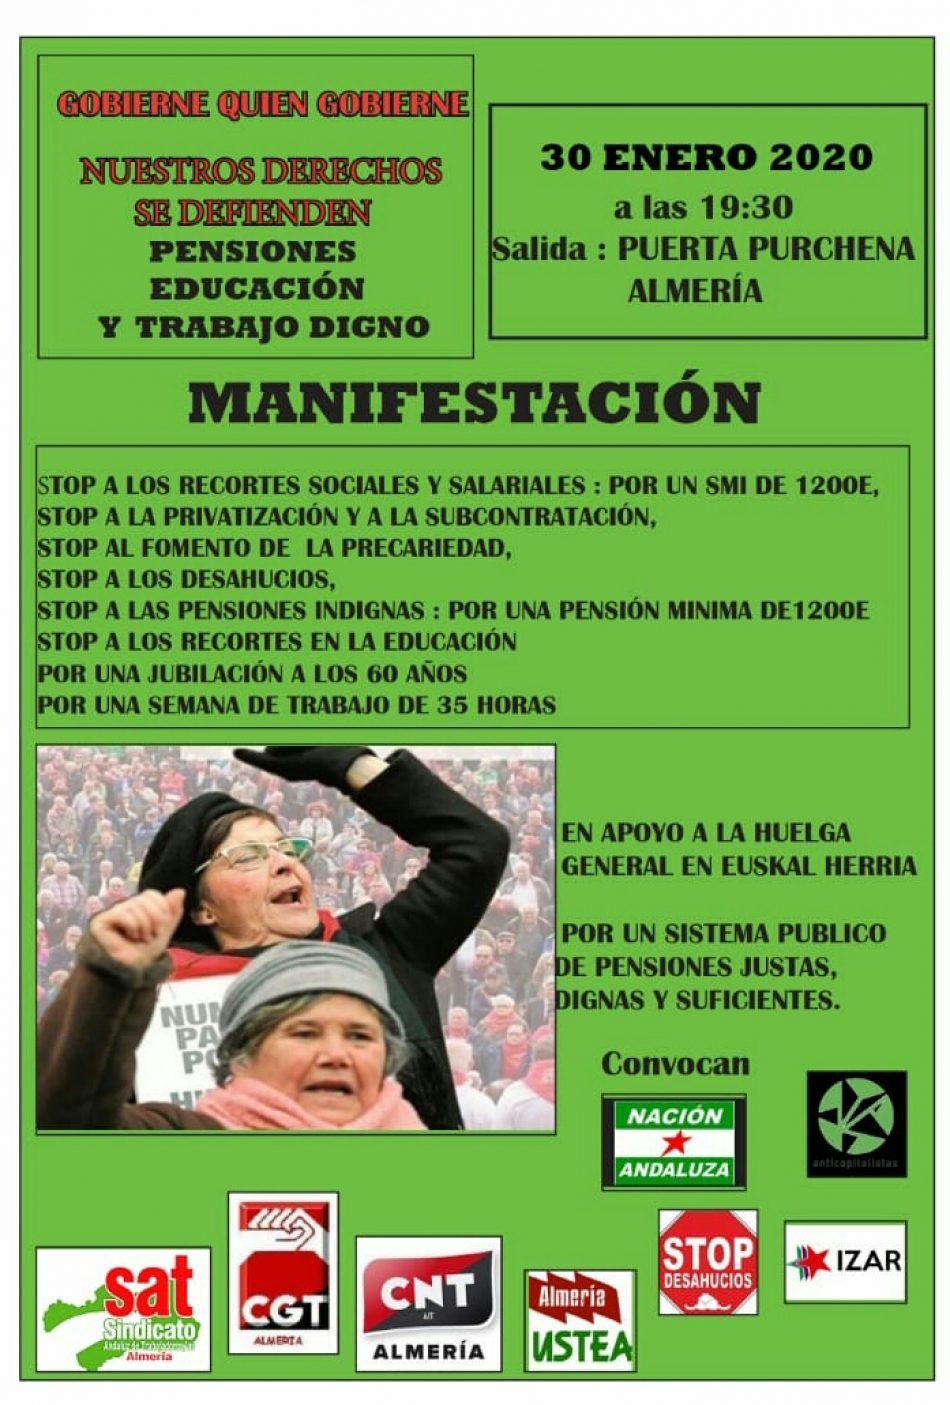 Manifestación en defensa de los derechos sociales – Jueves 30 de enero en Almería